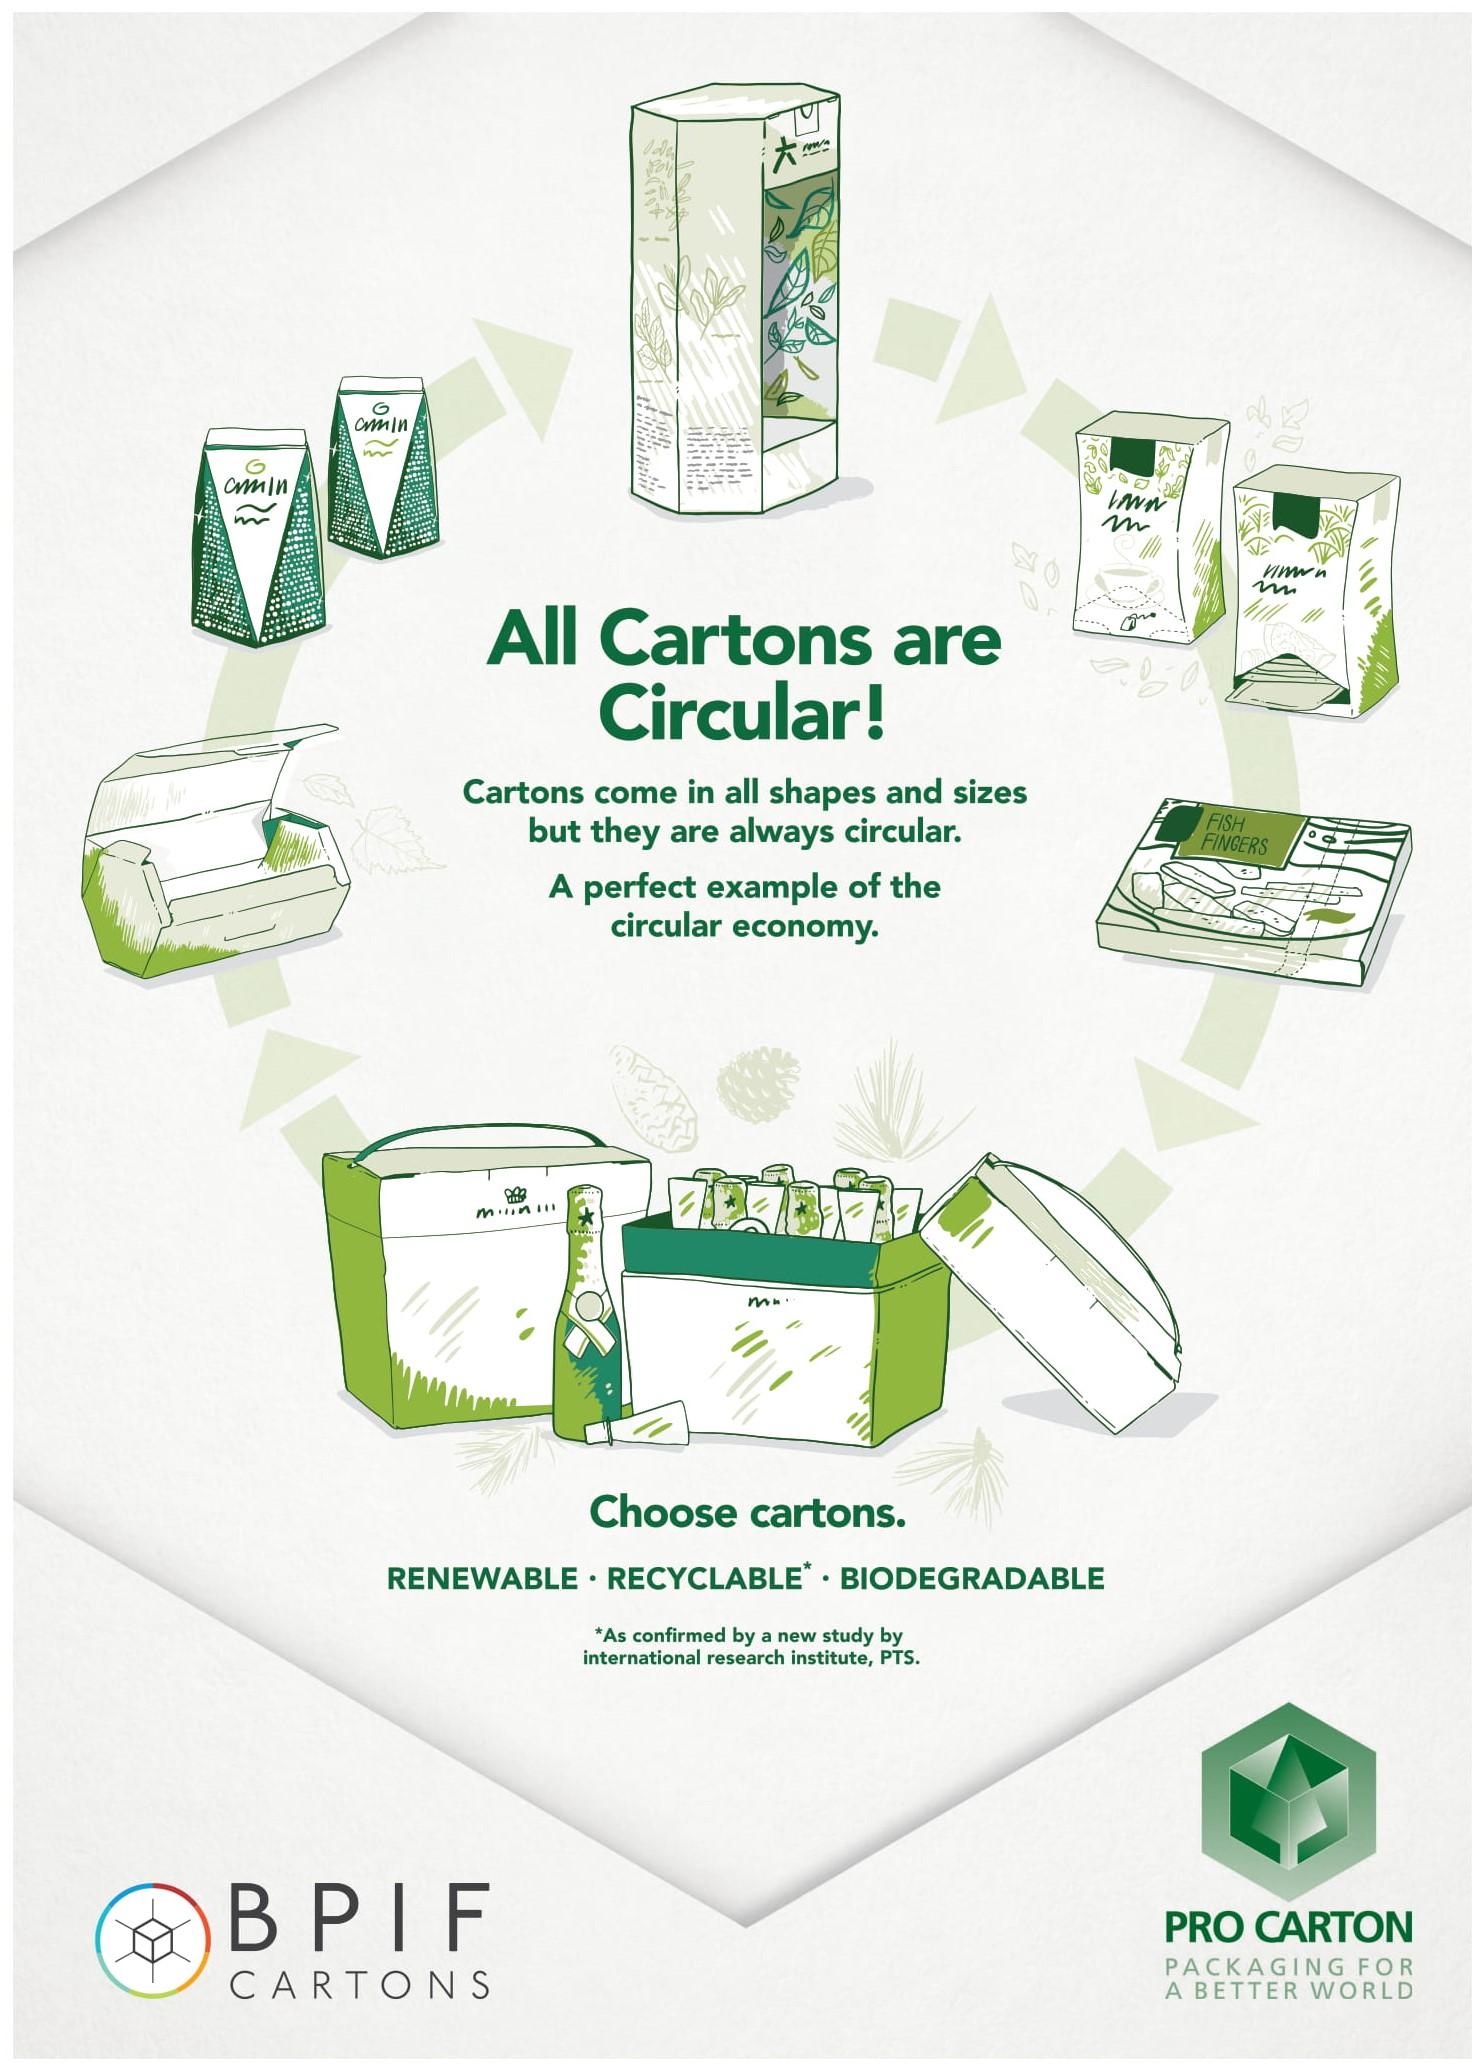 All Cartons are Circular!